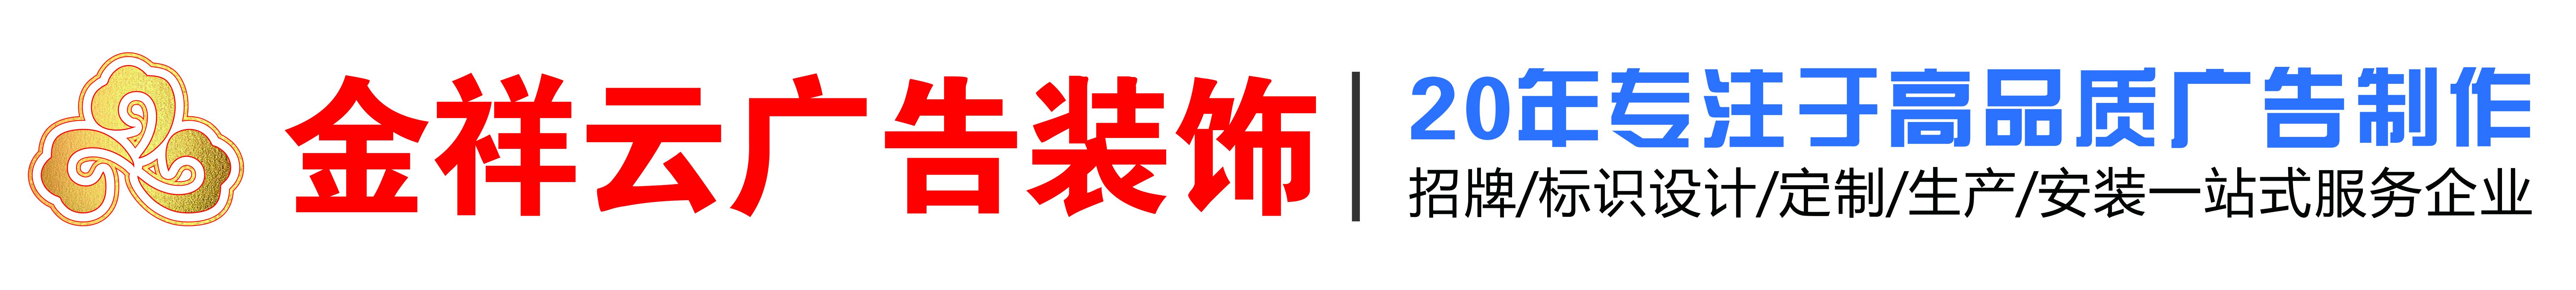 沈阳市铁西区金祥瑞美术装饰制作中心